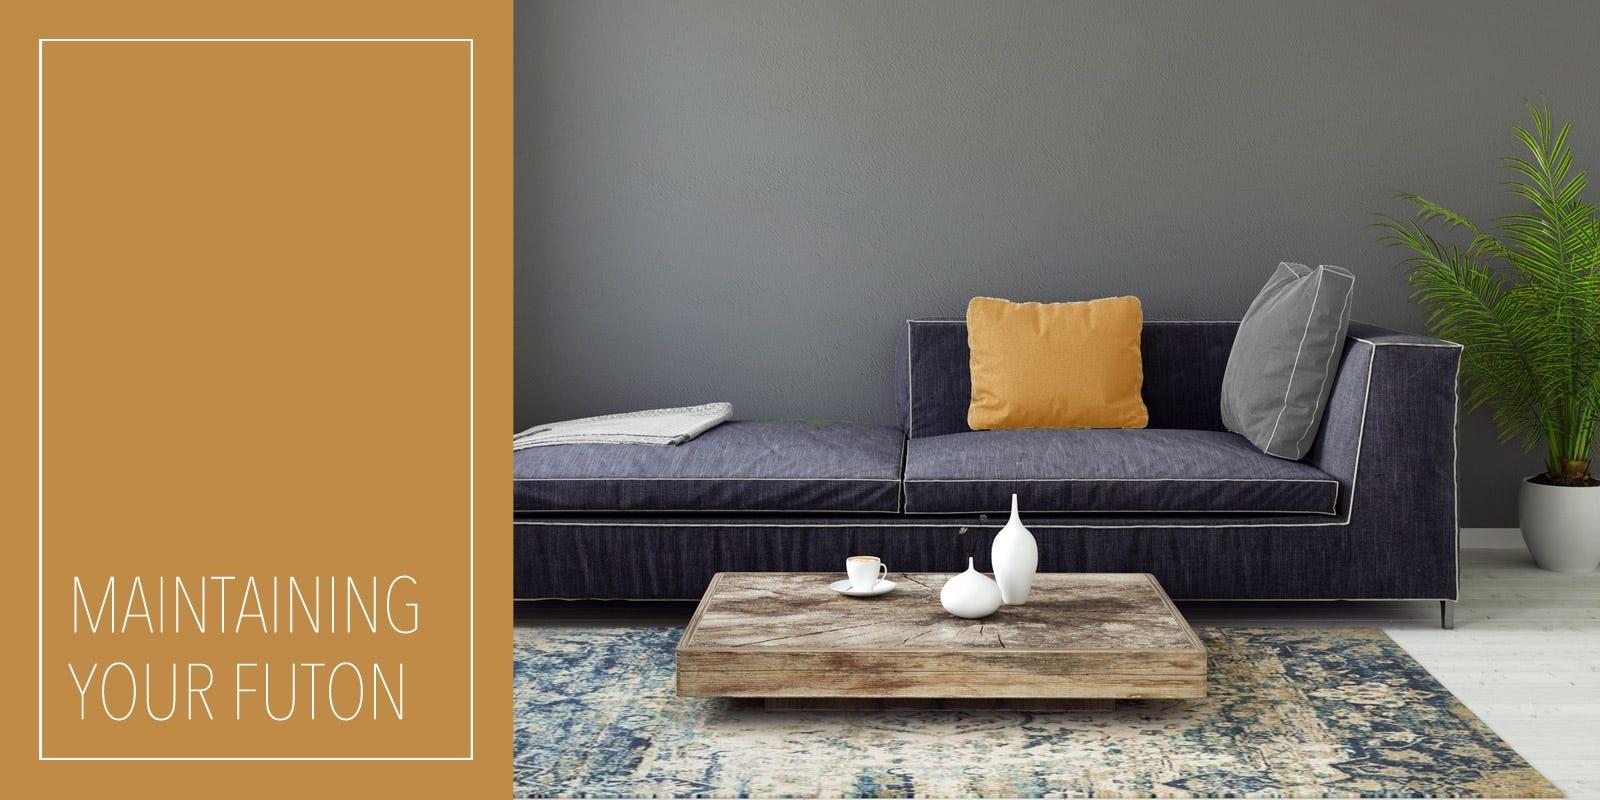 Maintaining Your futon frame, and futon mattress